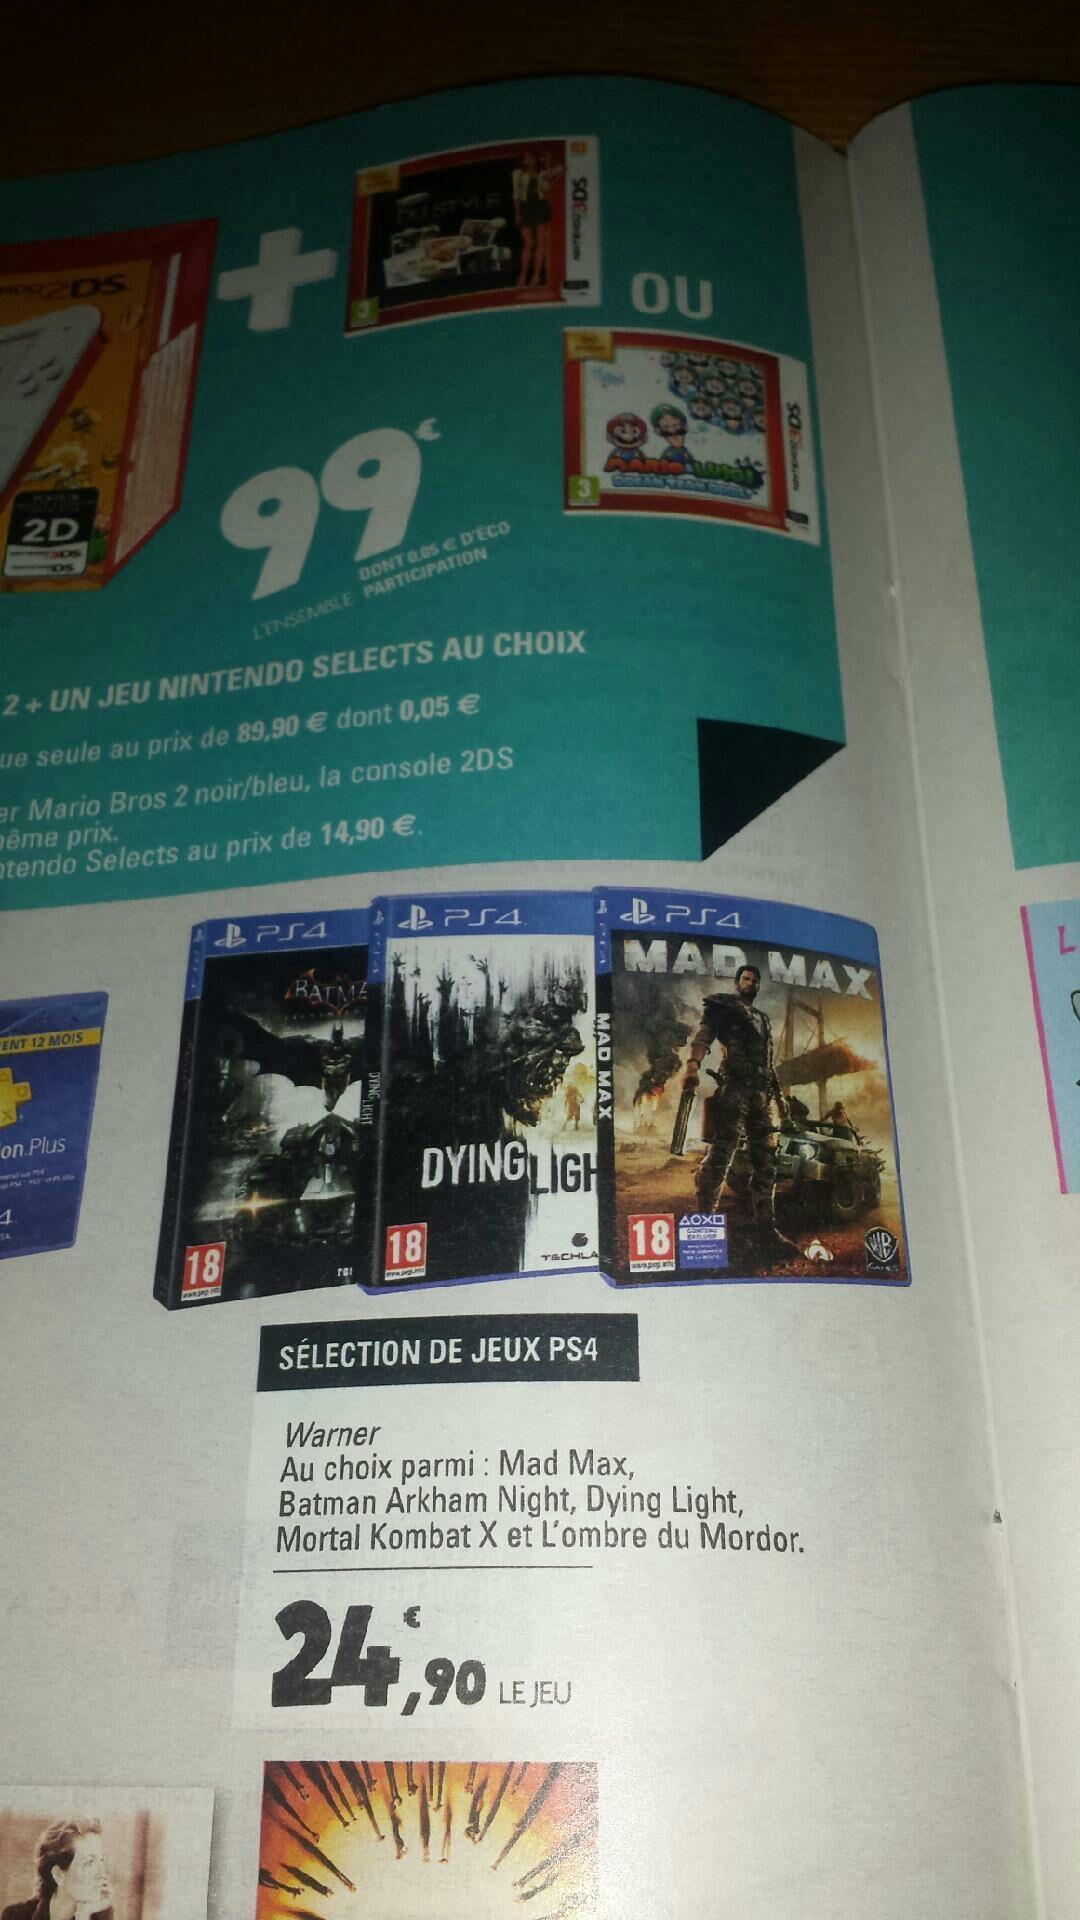 Sélection de jeux-vidéo PS4 (Mad Max, Dying Light, Mortal Kombat X...)